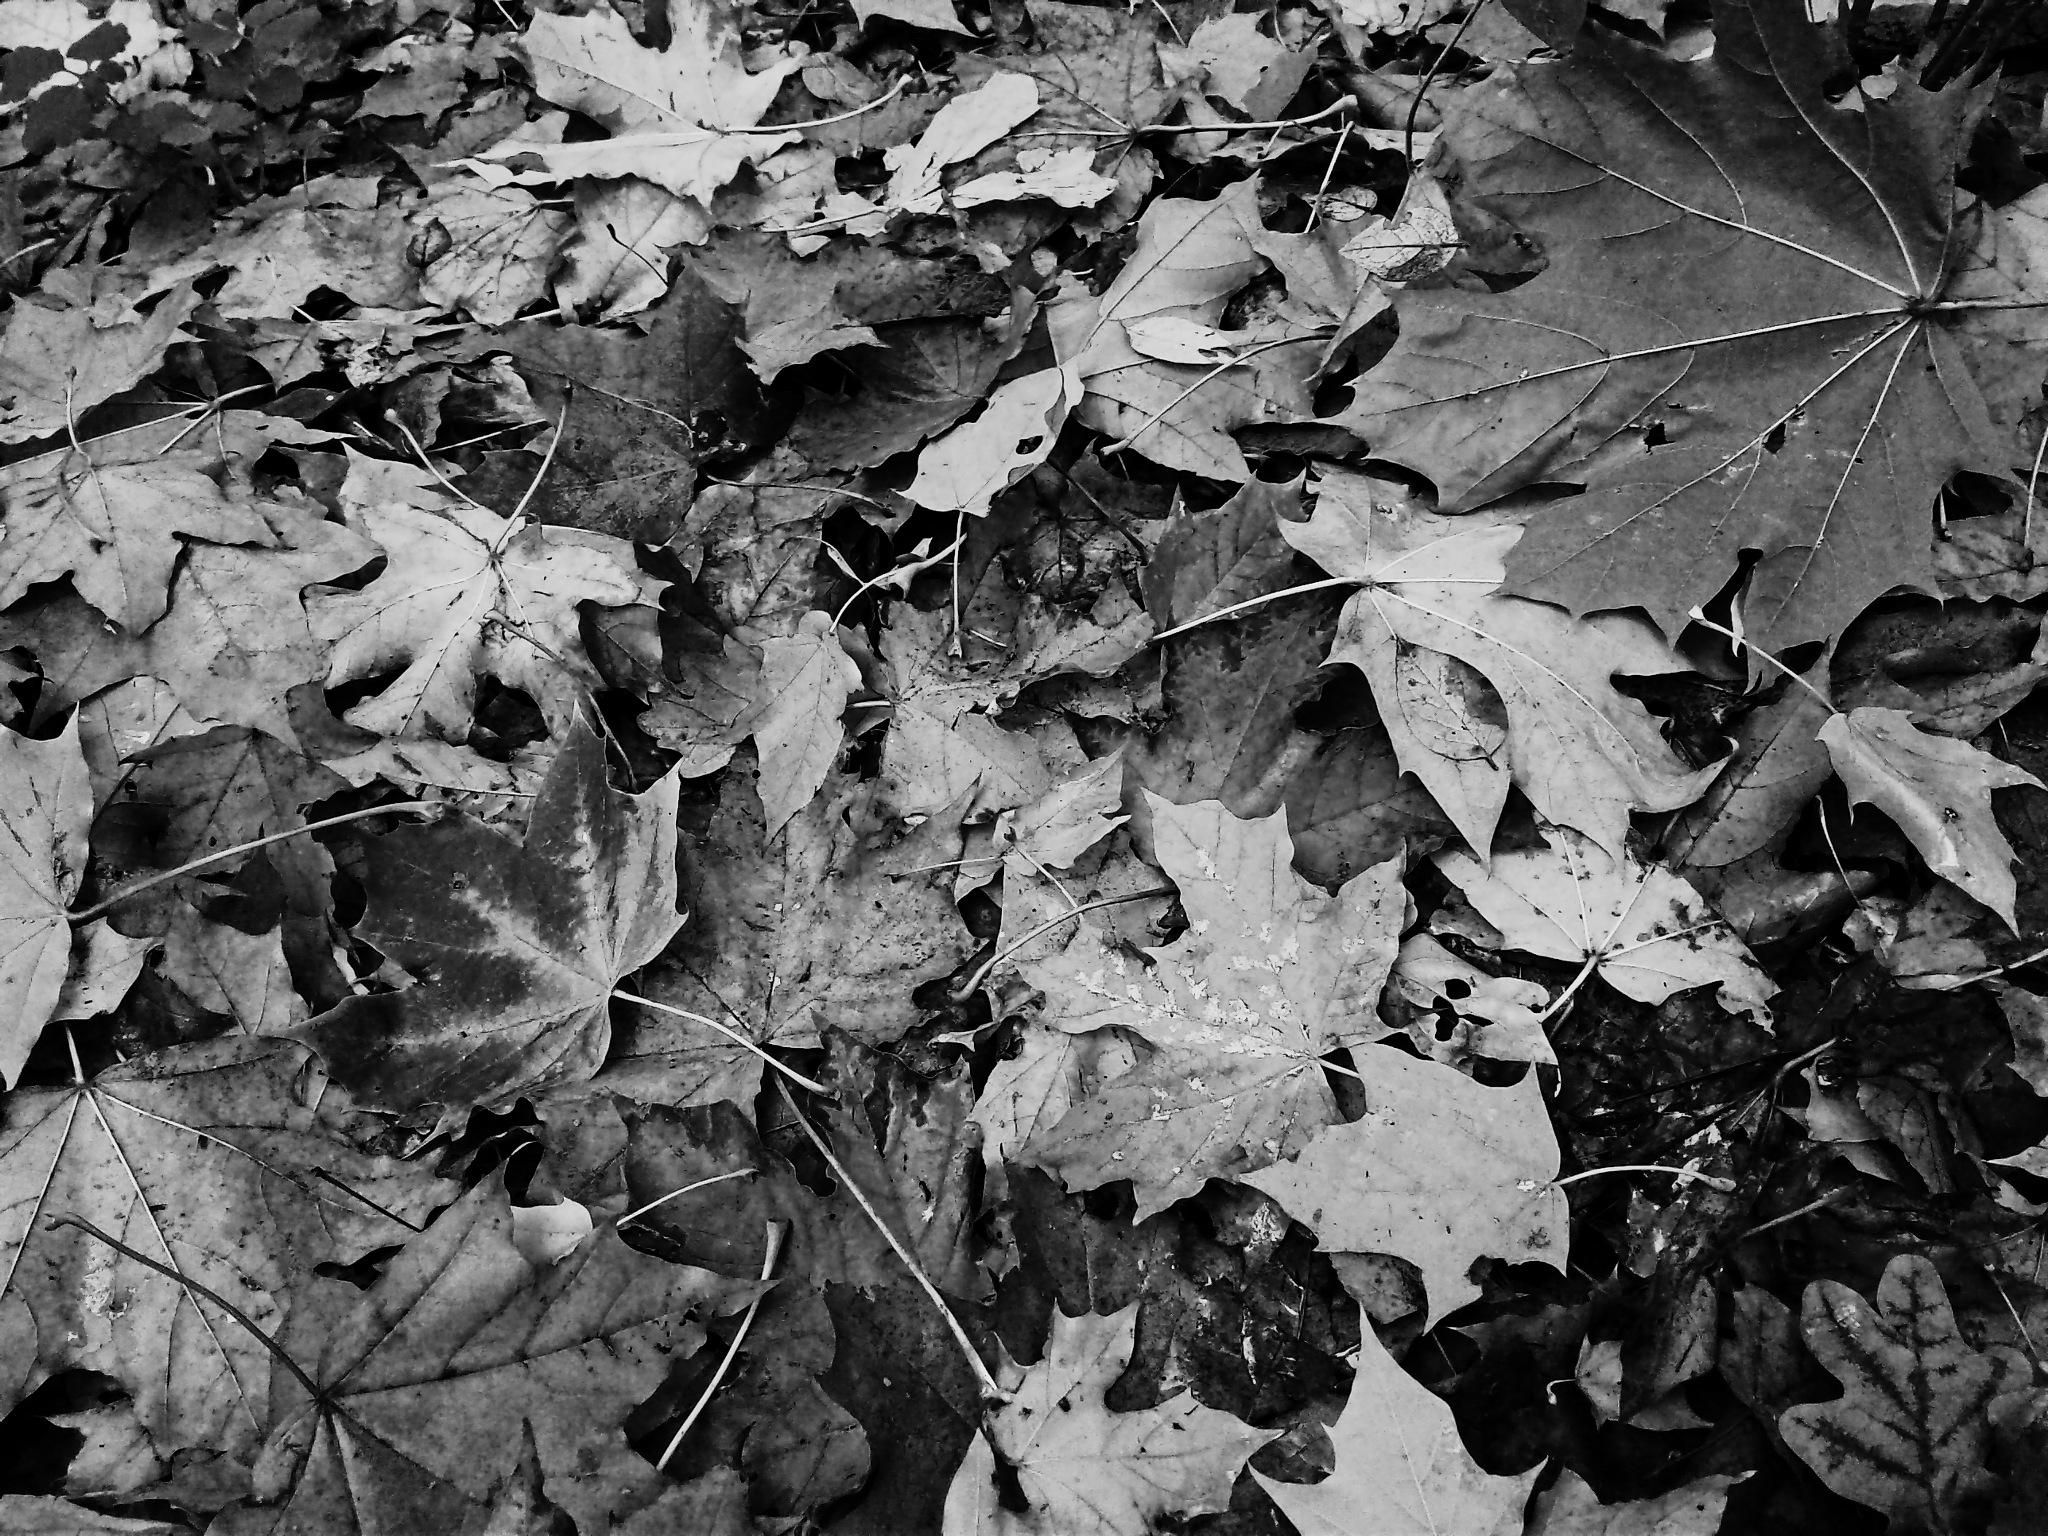 Fallen leaves / 2 by Евгений Козлов